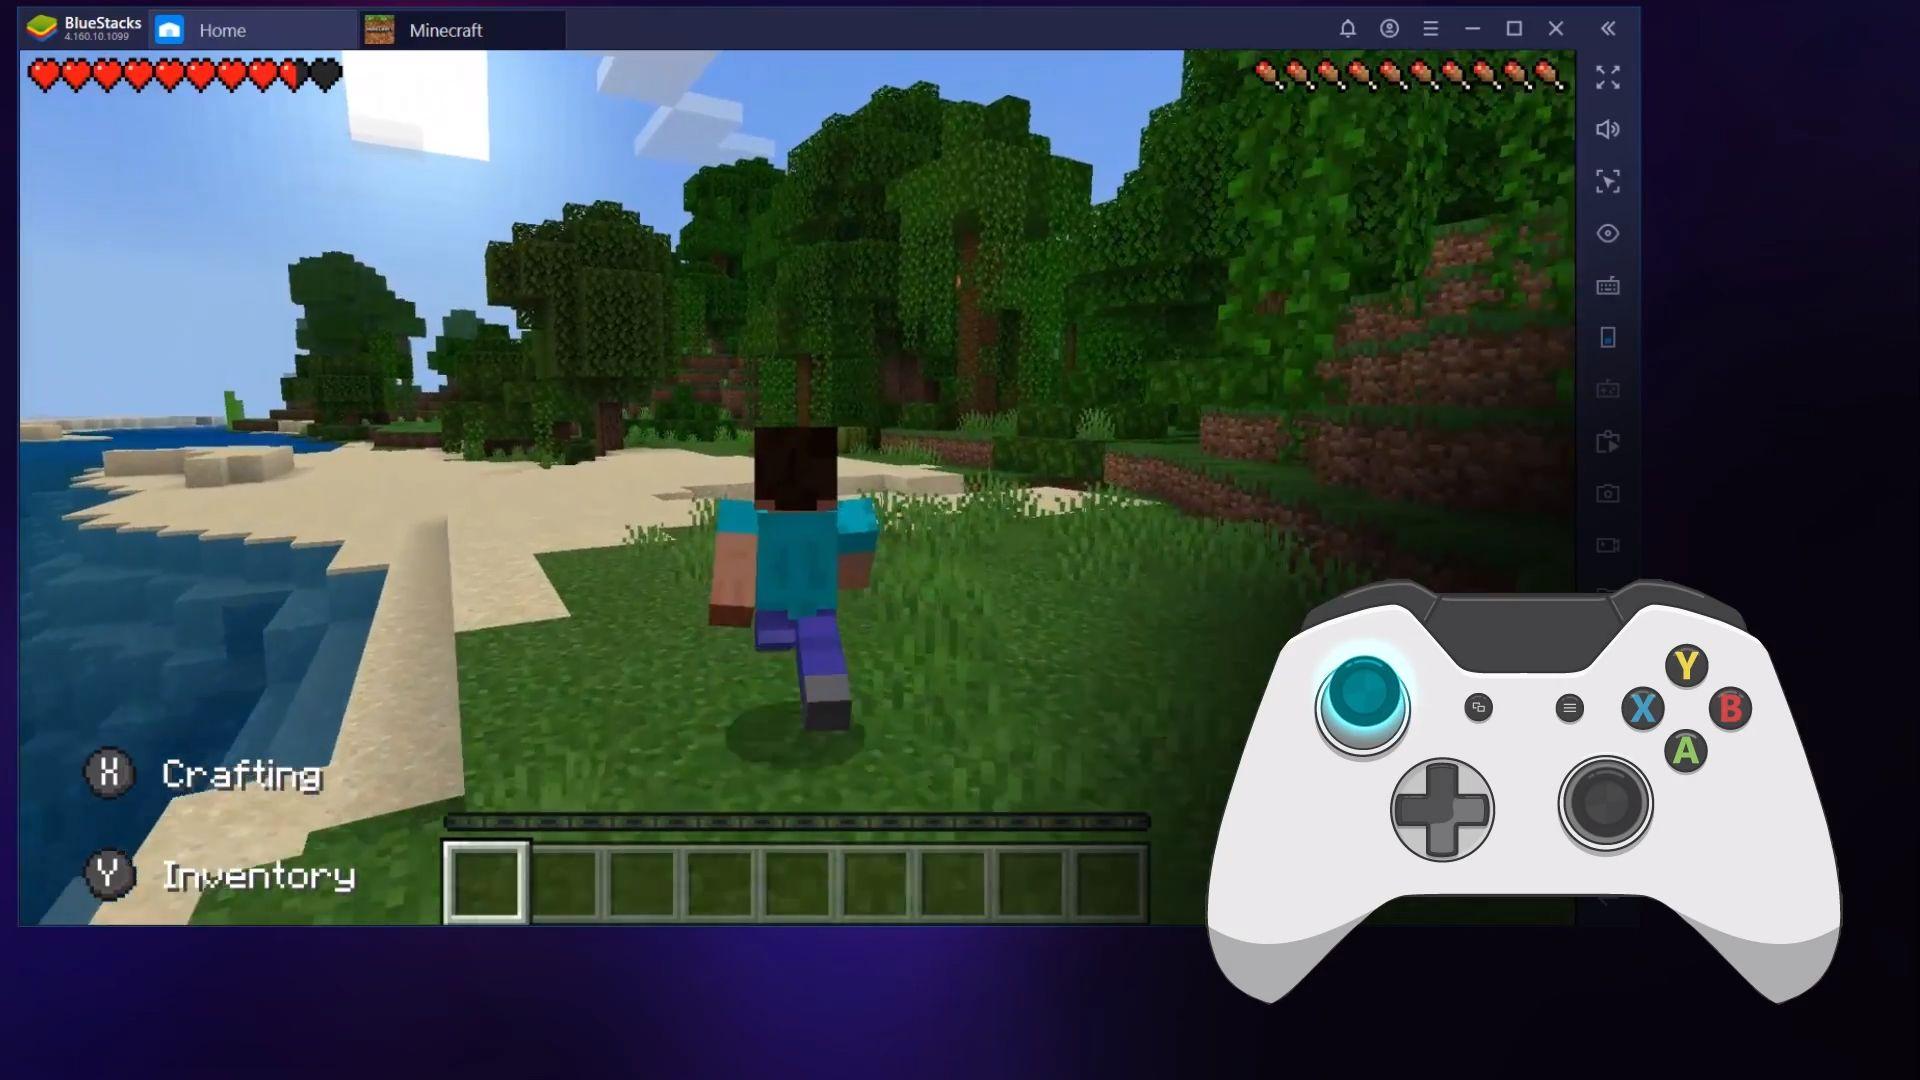 Hỗ trợ tay cầm gamepad, nâng tầm trải nghiệm game với BlueStacks